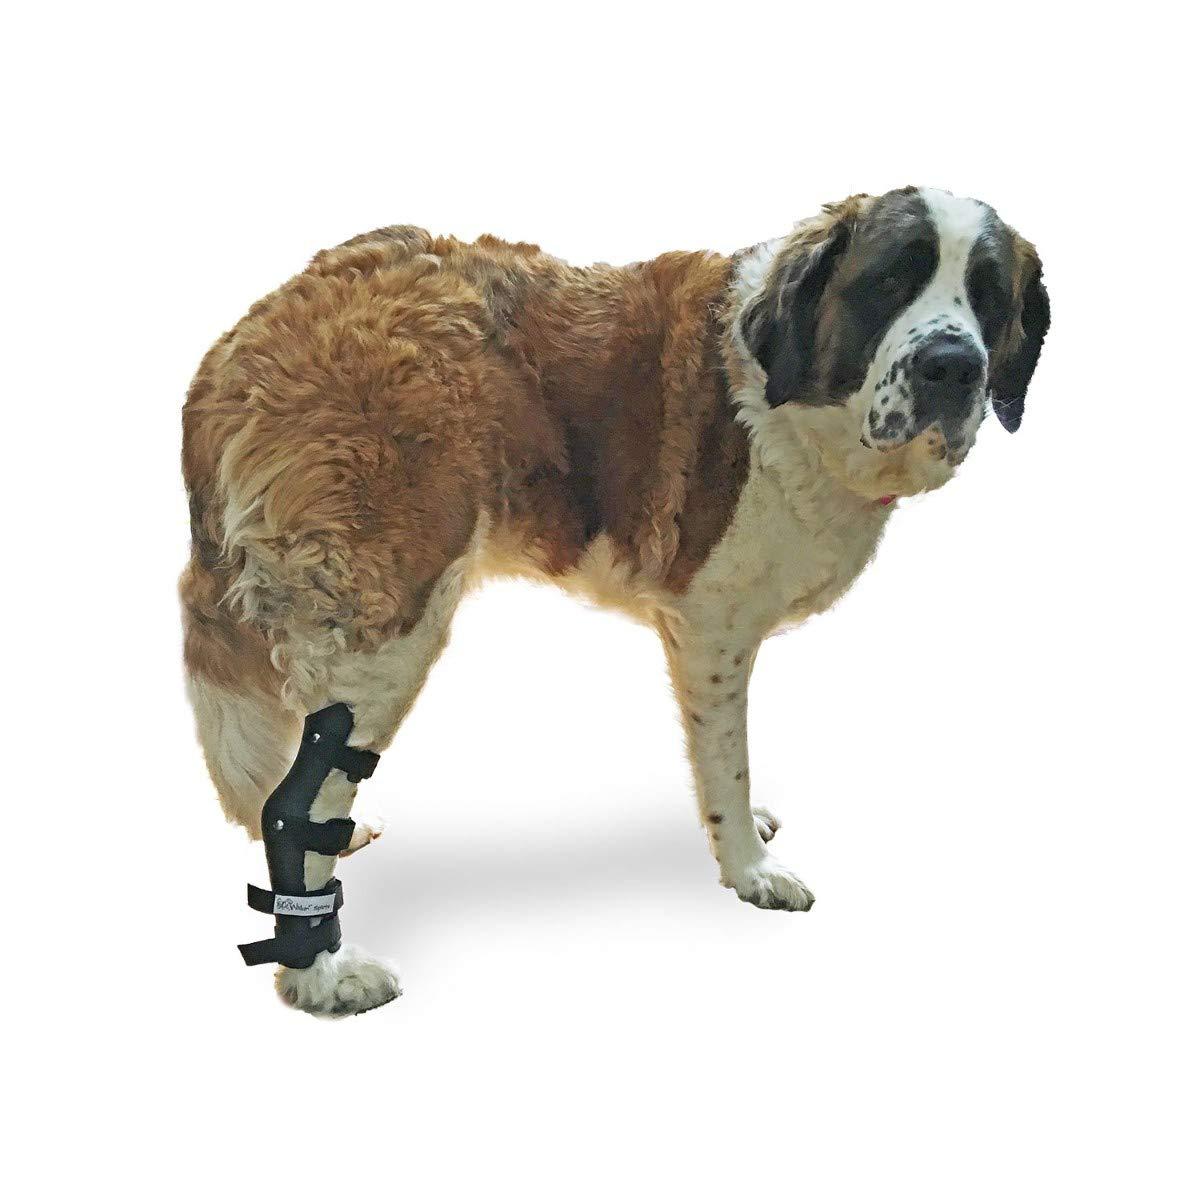 Walkin' Pet Splint for Dogs, Canine Hock Style Leg Splint with Foam Inserts for a More Custom Fit